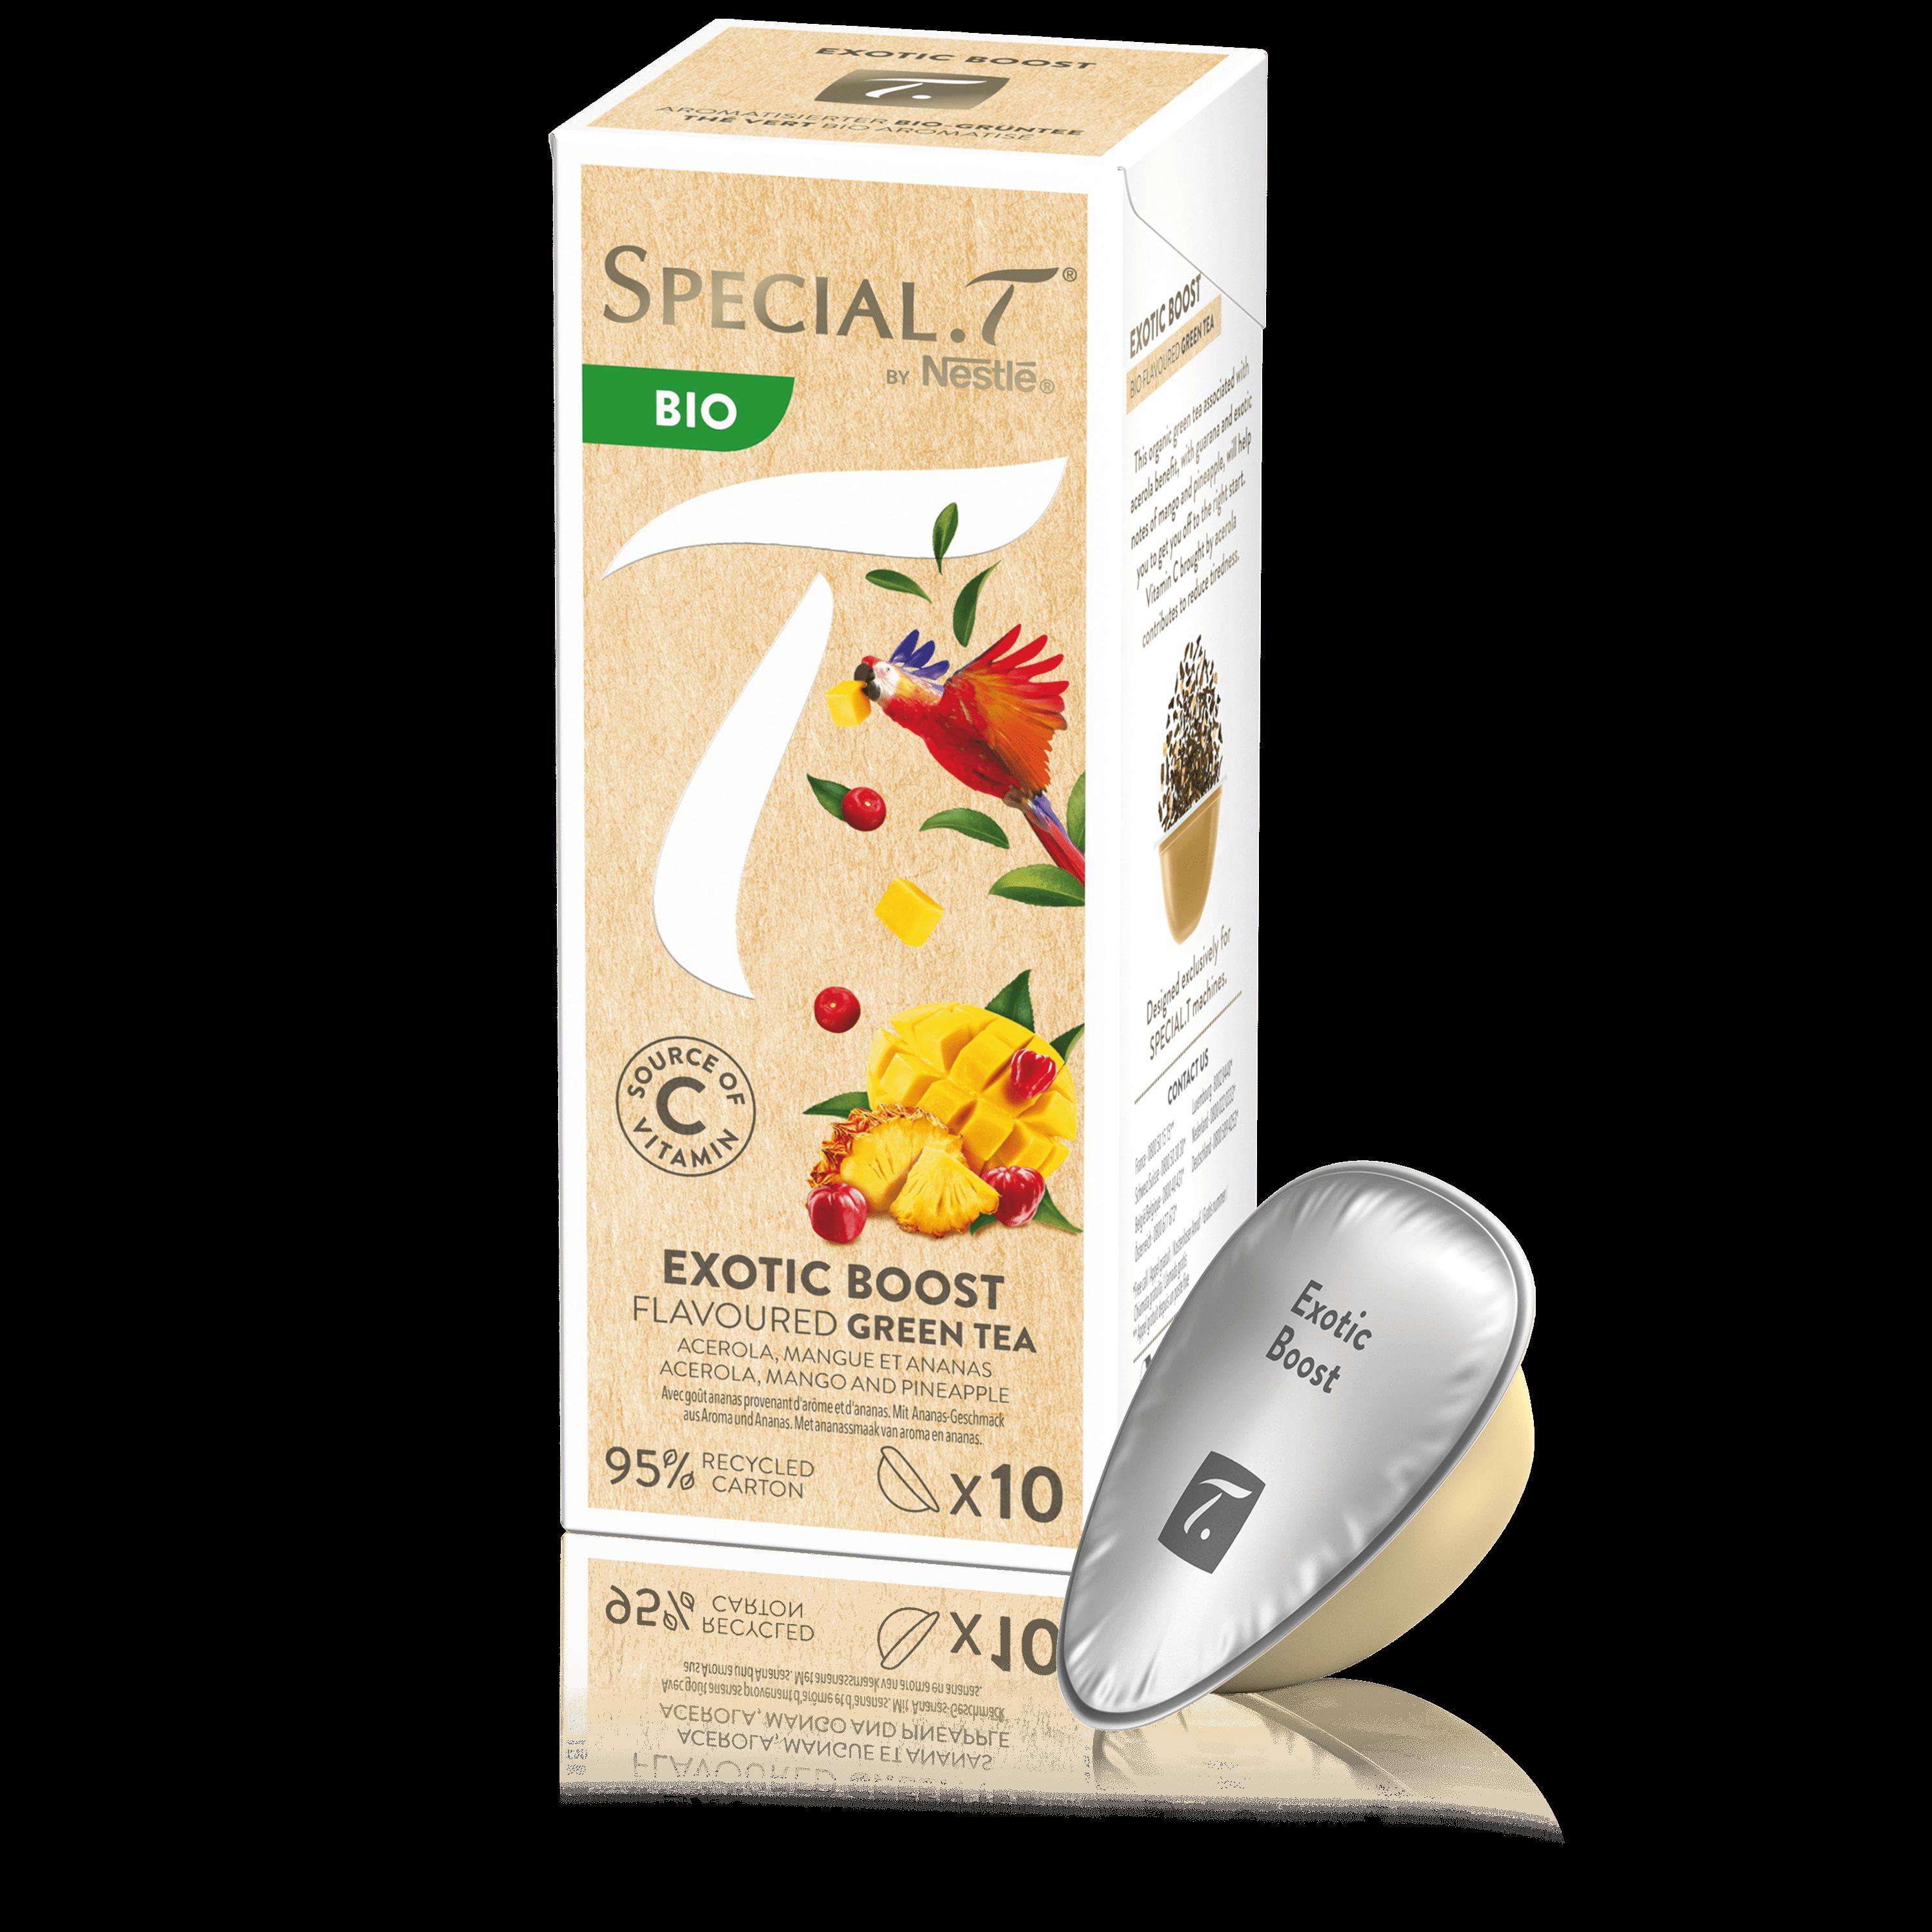 Capsules Exotic Boost bio - Special.T - 10 capsules de thé vert bio aromatisé pour machine SPECIAL.T - Kusmi Tea